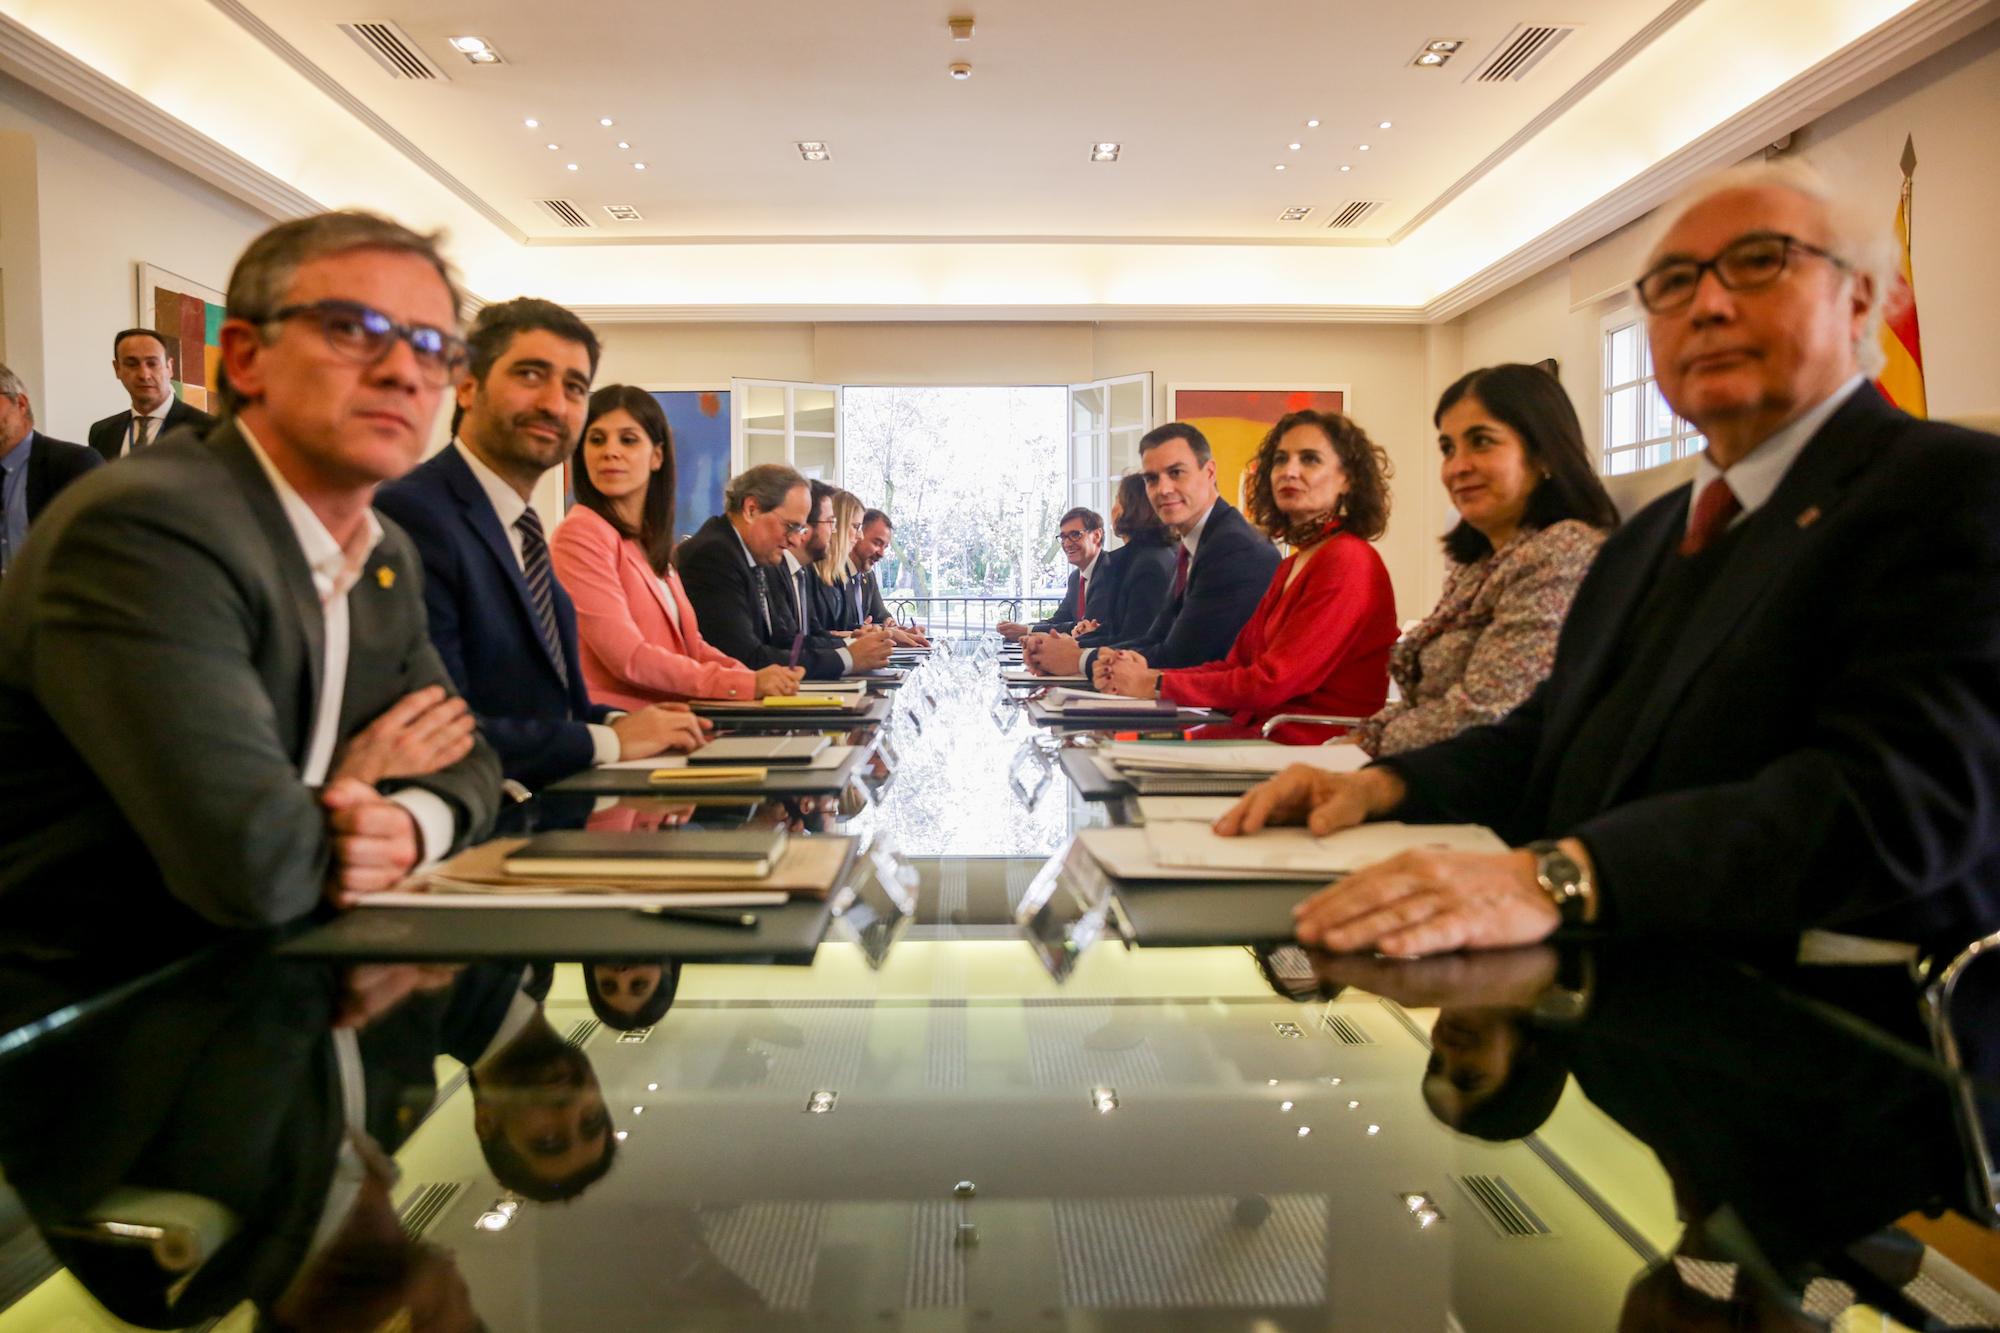 Primera reunió de la taula de diàleg encapçalada pel president del Govern, Pedro Sánchez; i el president de la Generalitat, Quim Torra / Europa Press